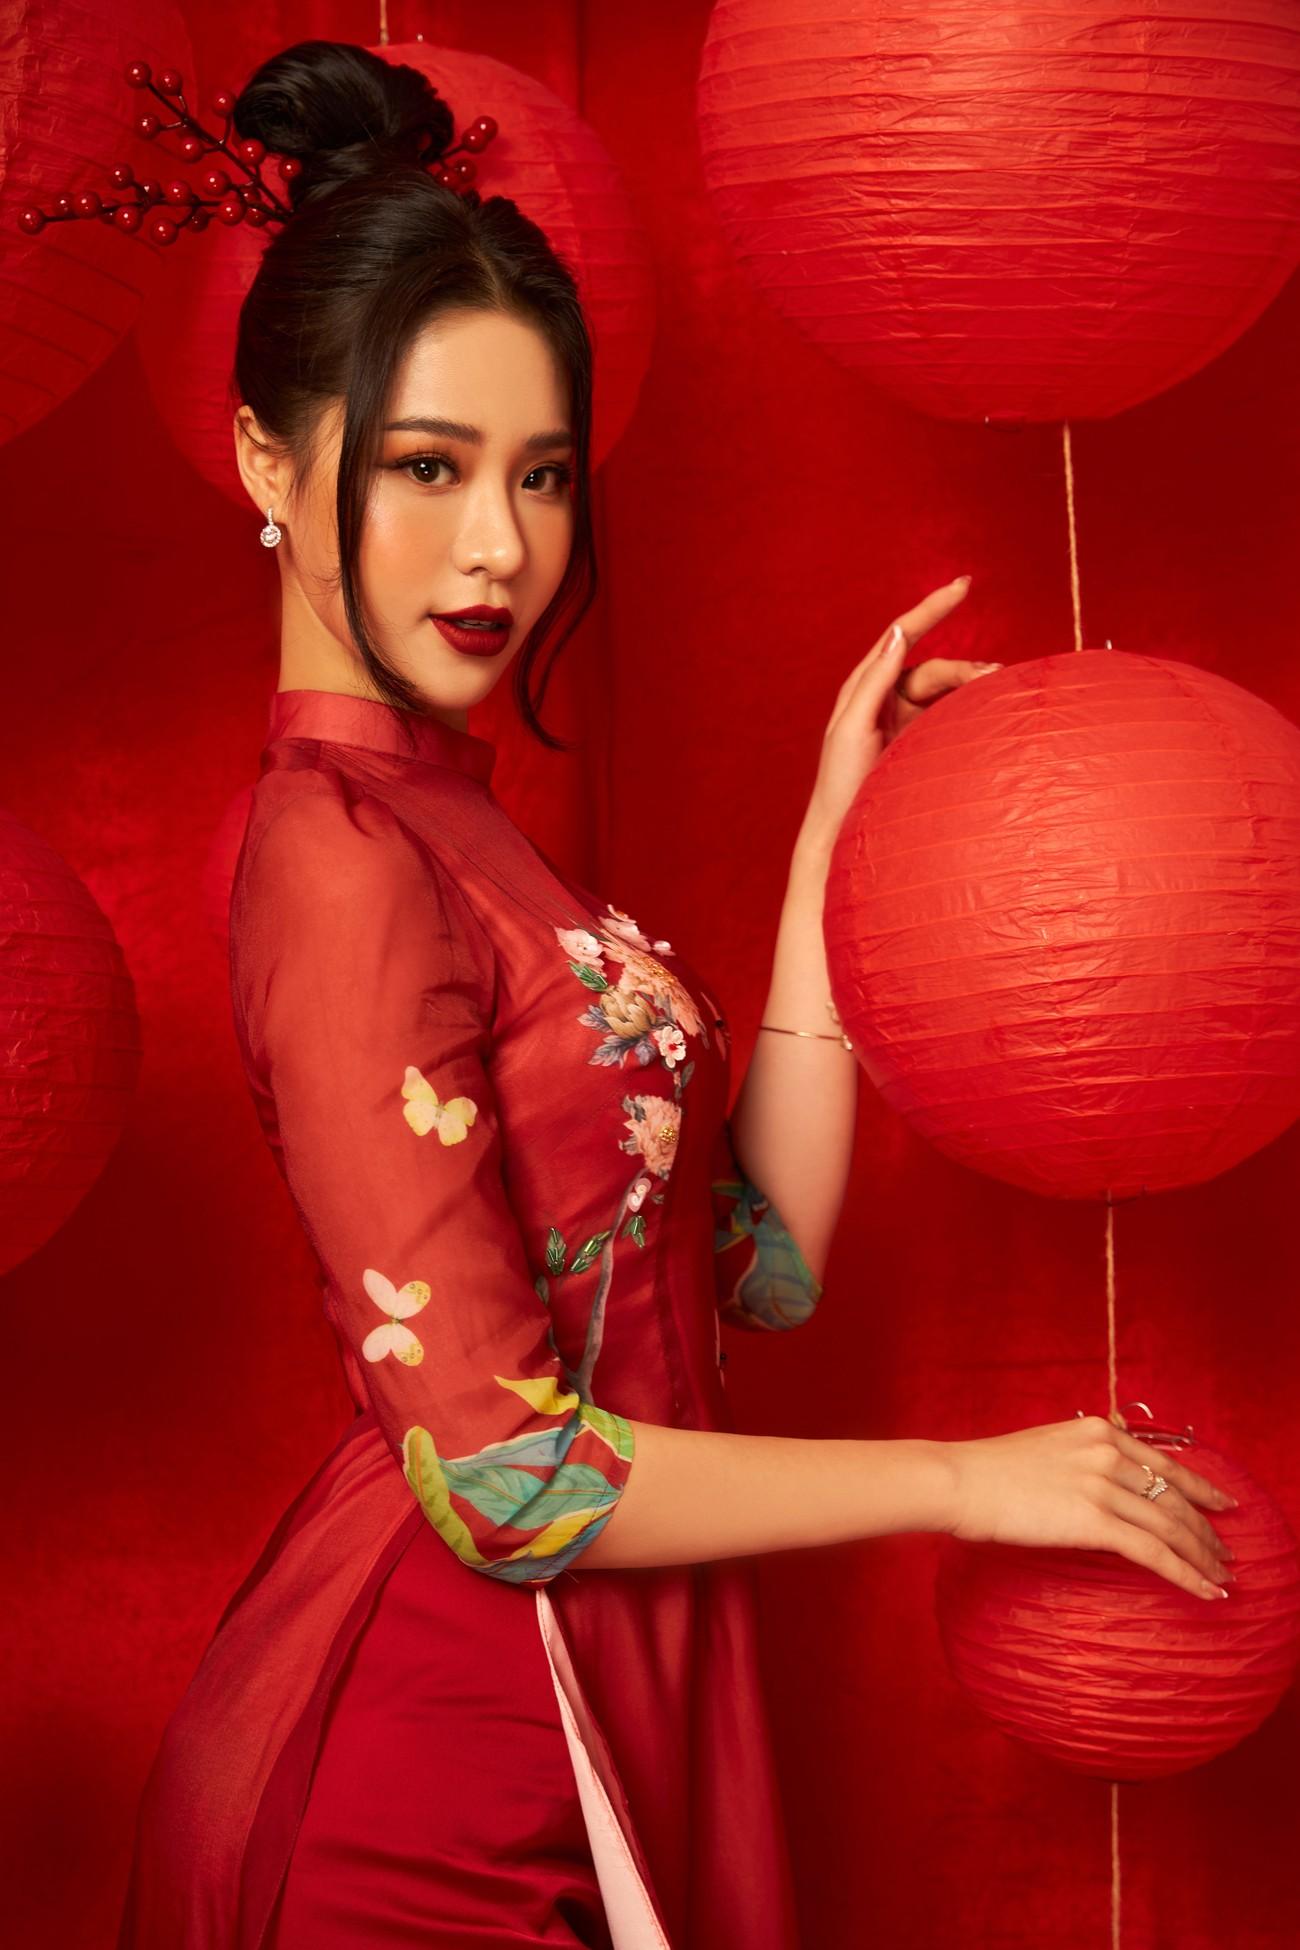 Người đẹp Biển Nguyễn Hoàng Bảo Châu đẹp 'gây mê' trong bộ ảnh áo dài đón Tết ảnh 10